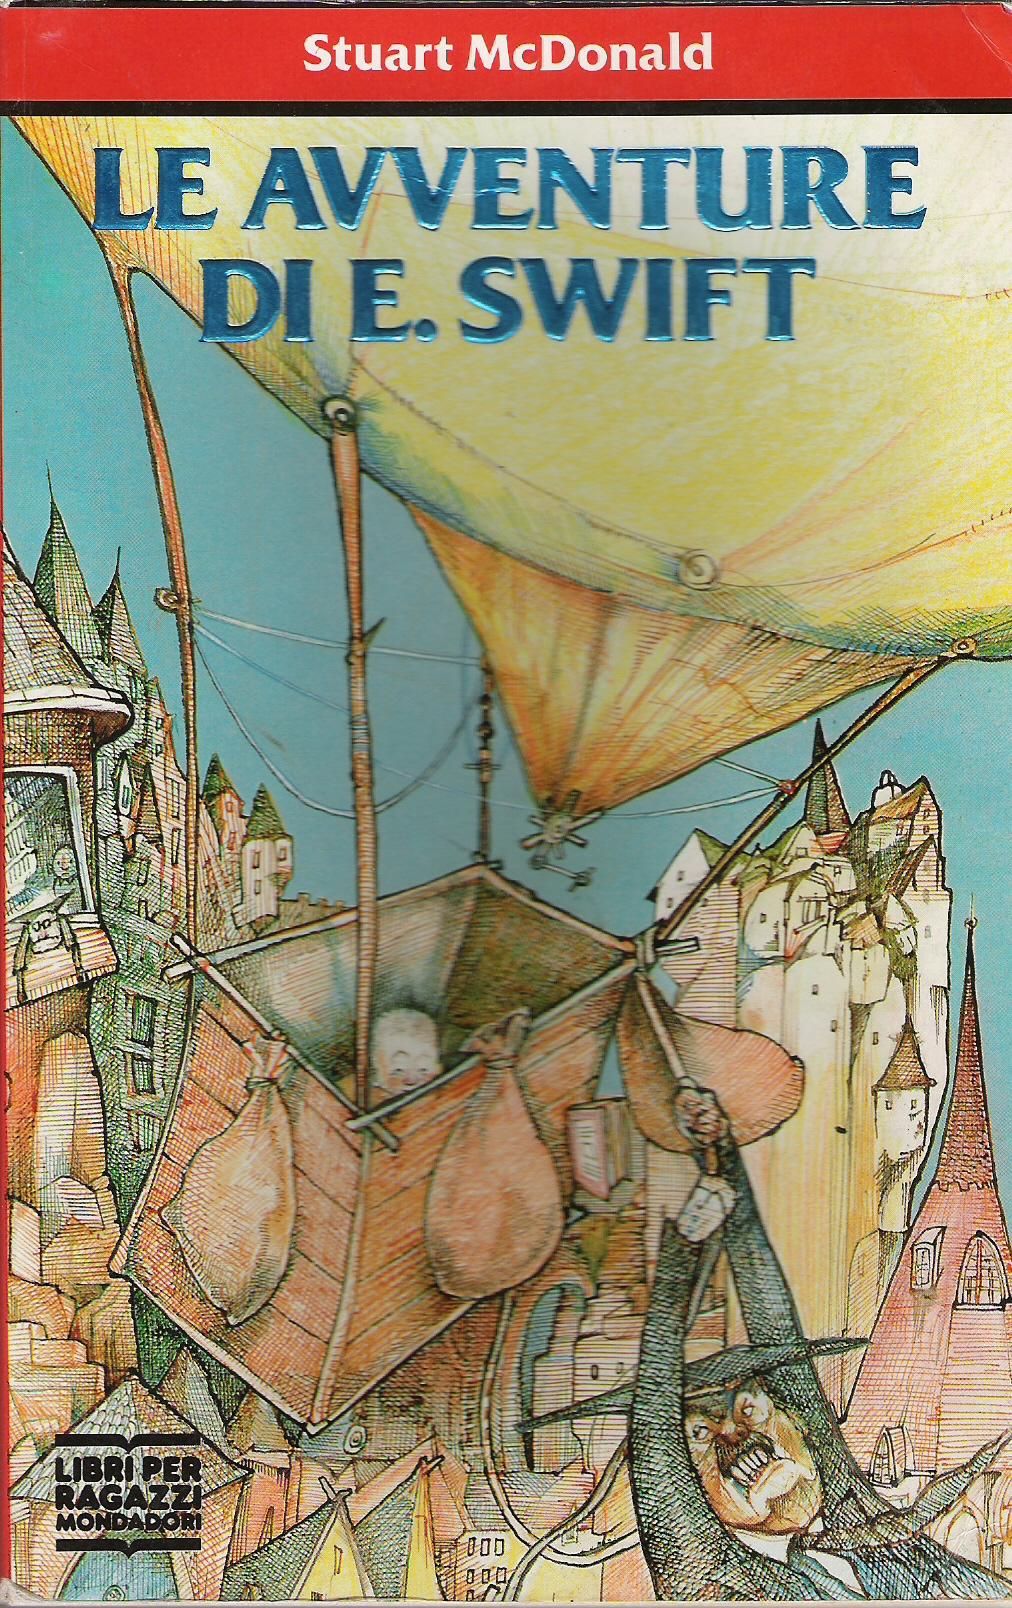 Le avventure di E. Swift